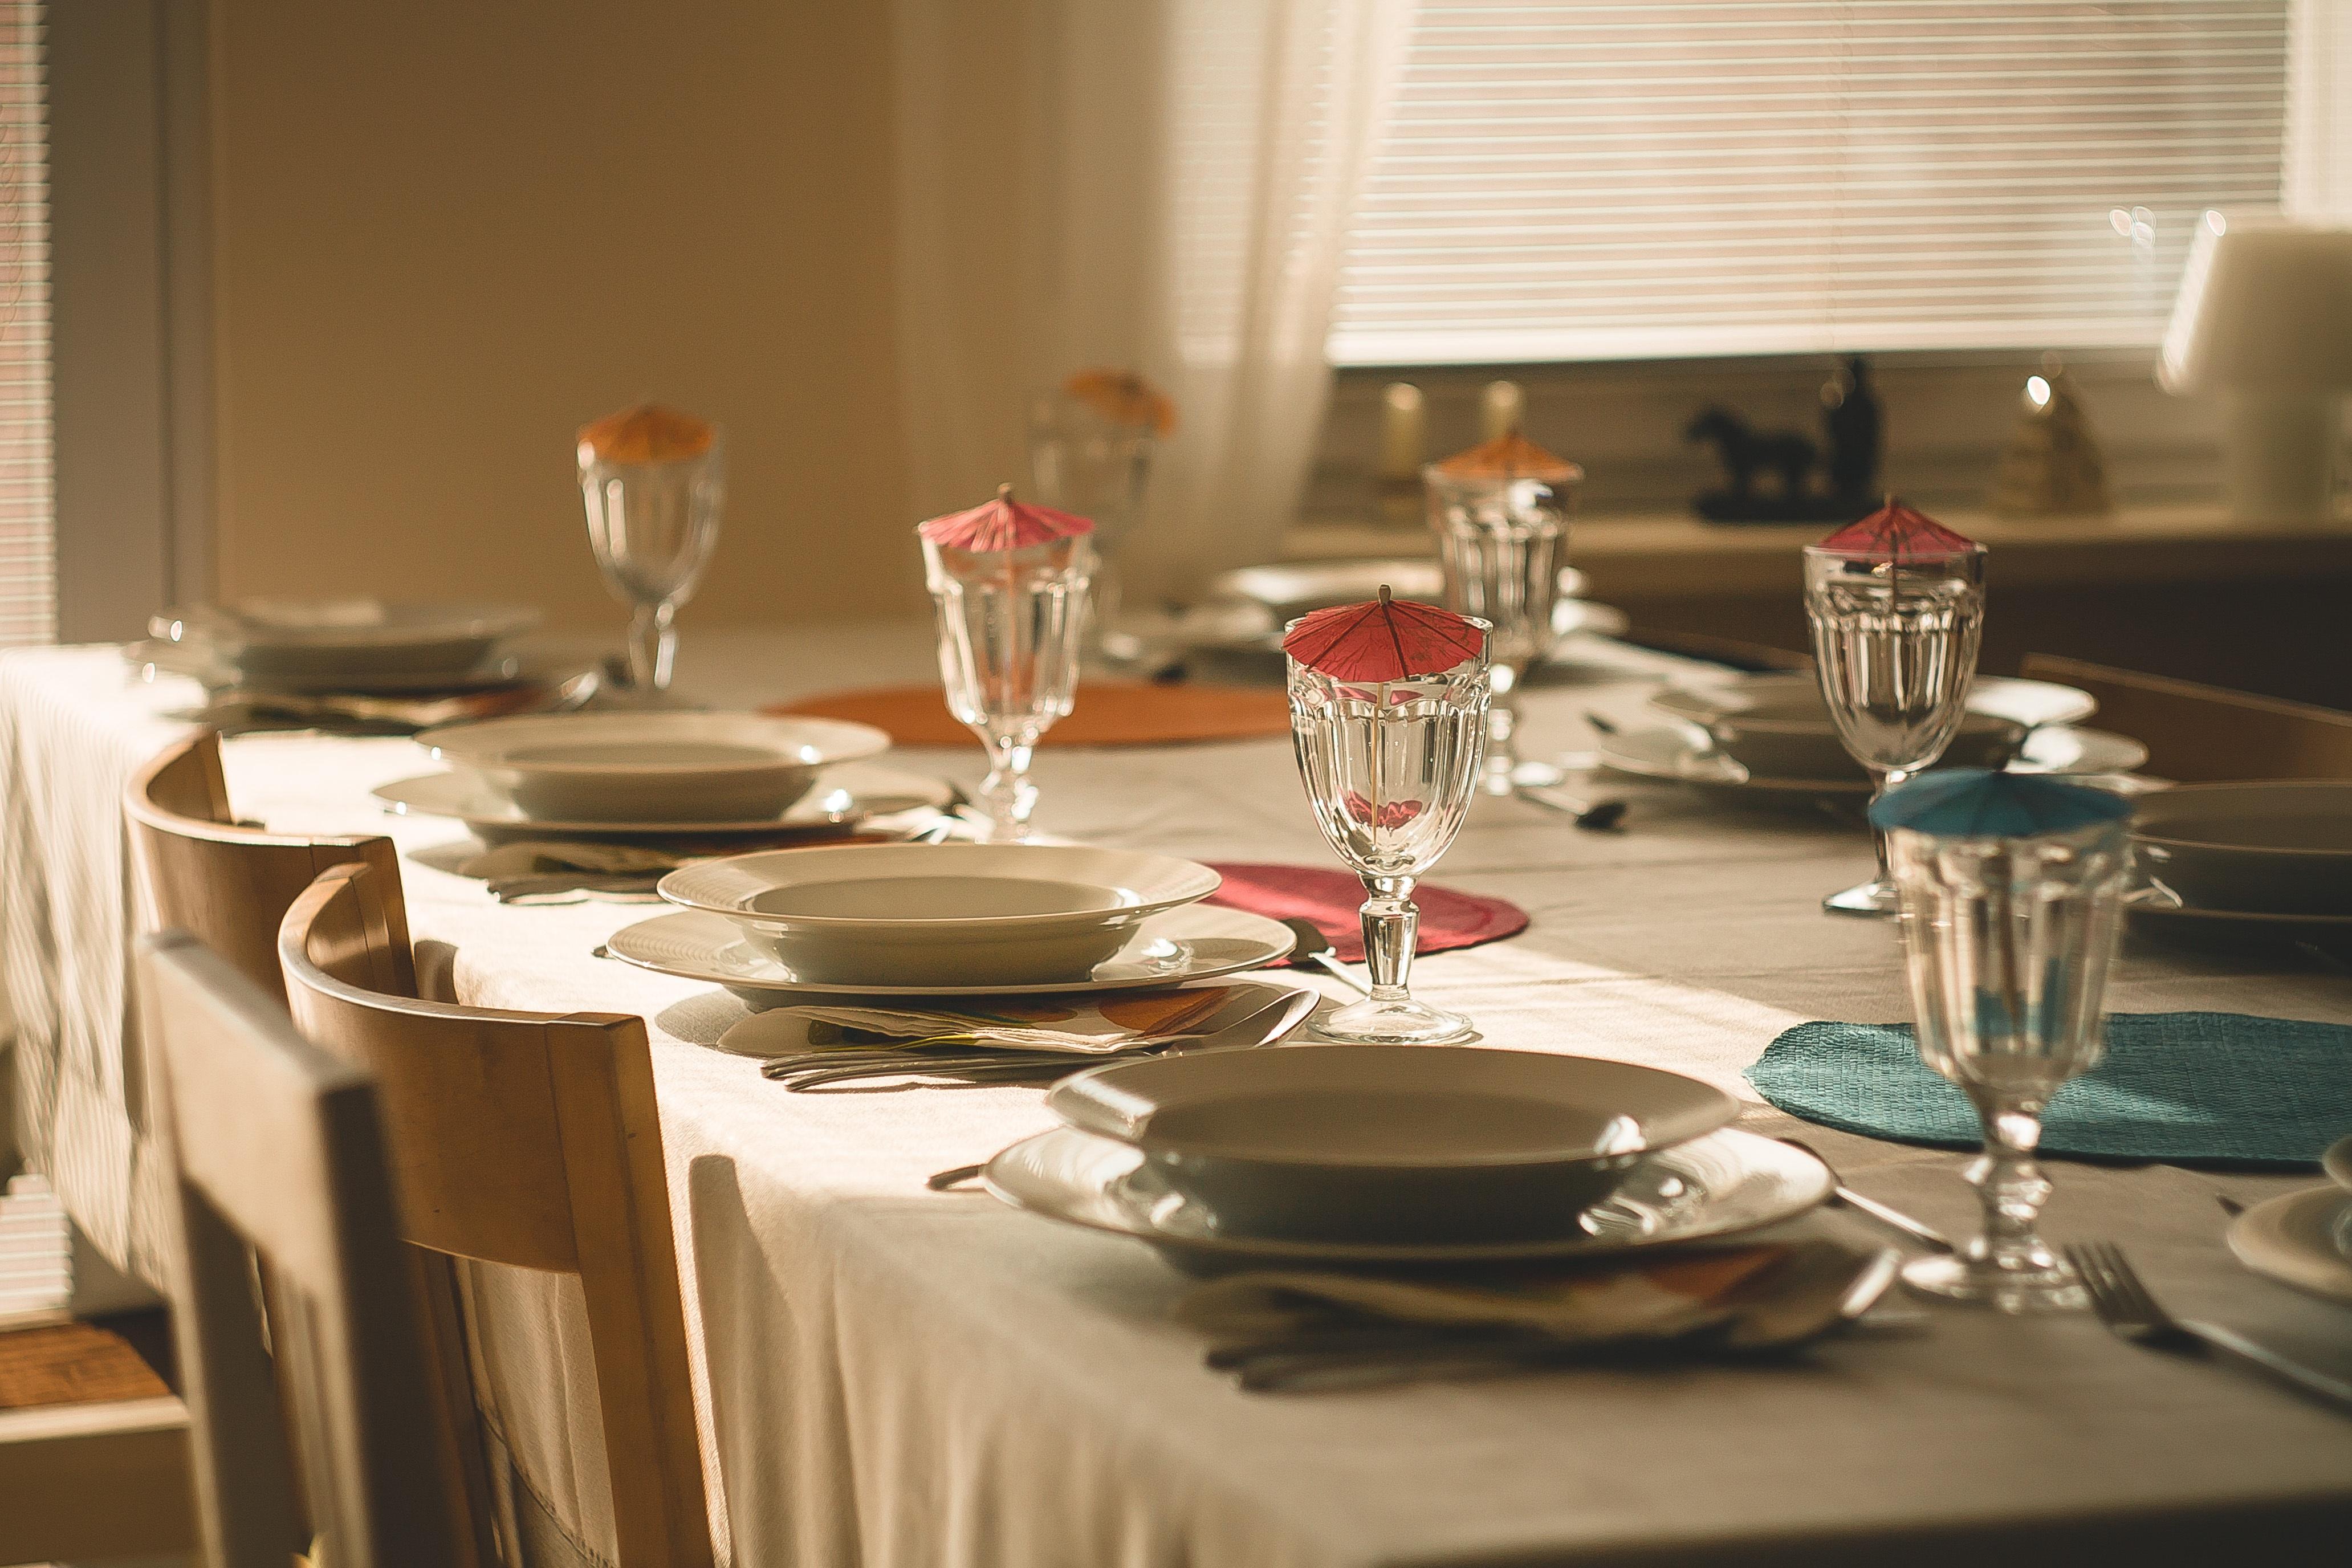 Fotos gratis : mesa, cuchillería, restaurante, plato, comida, cocina ...